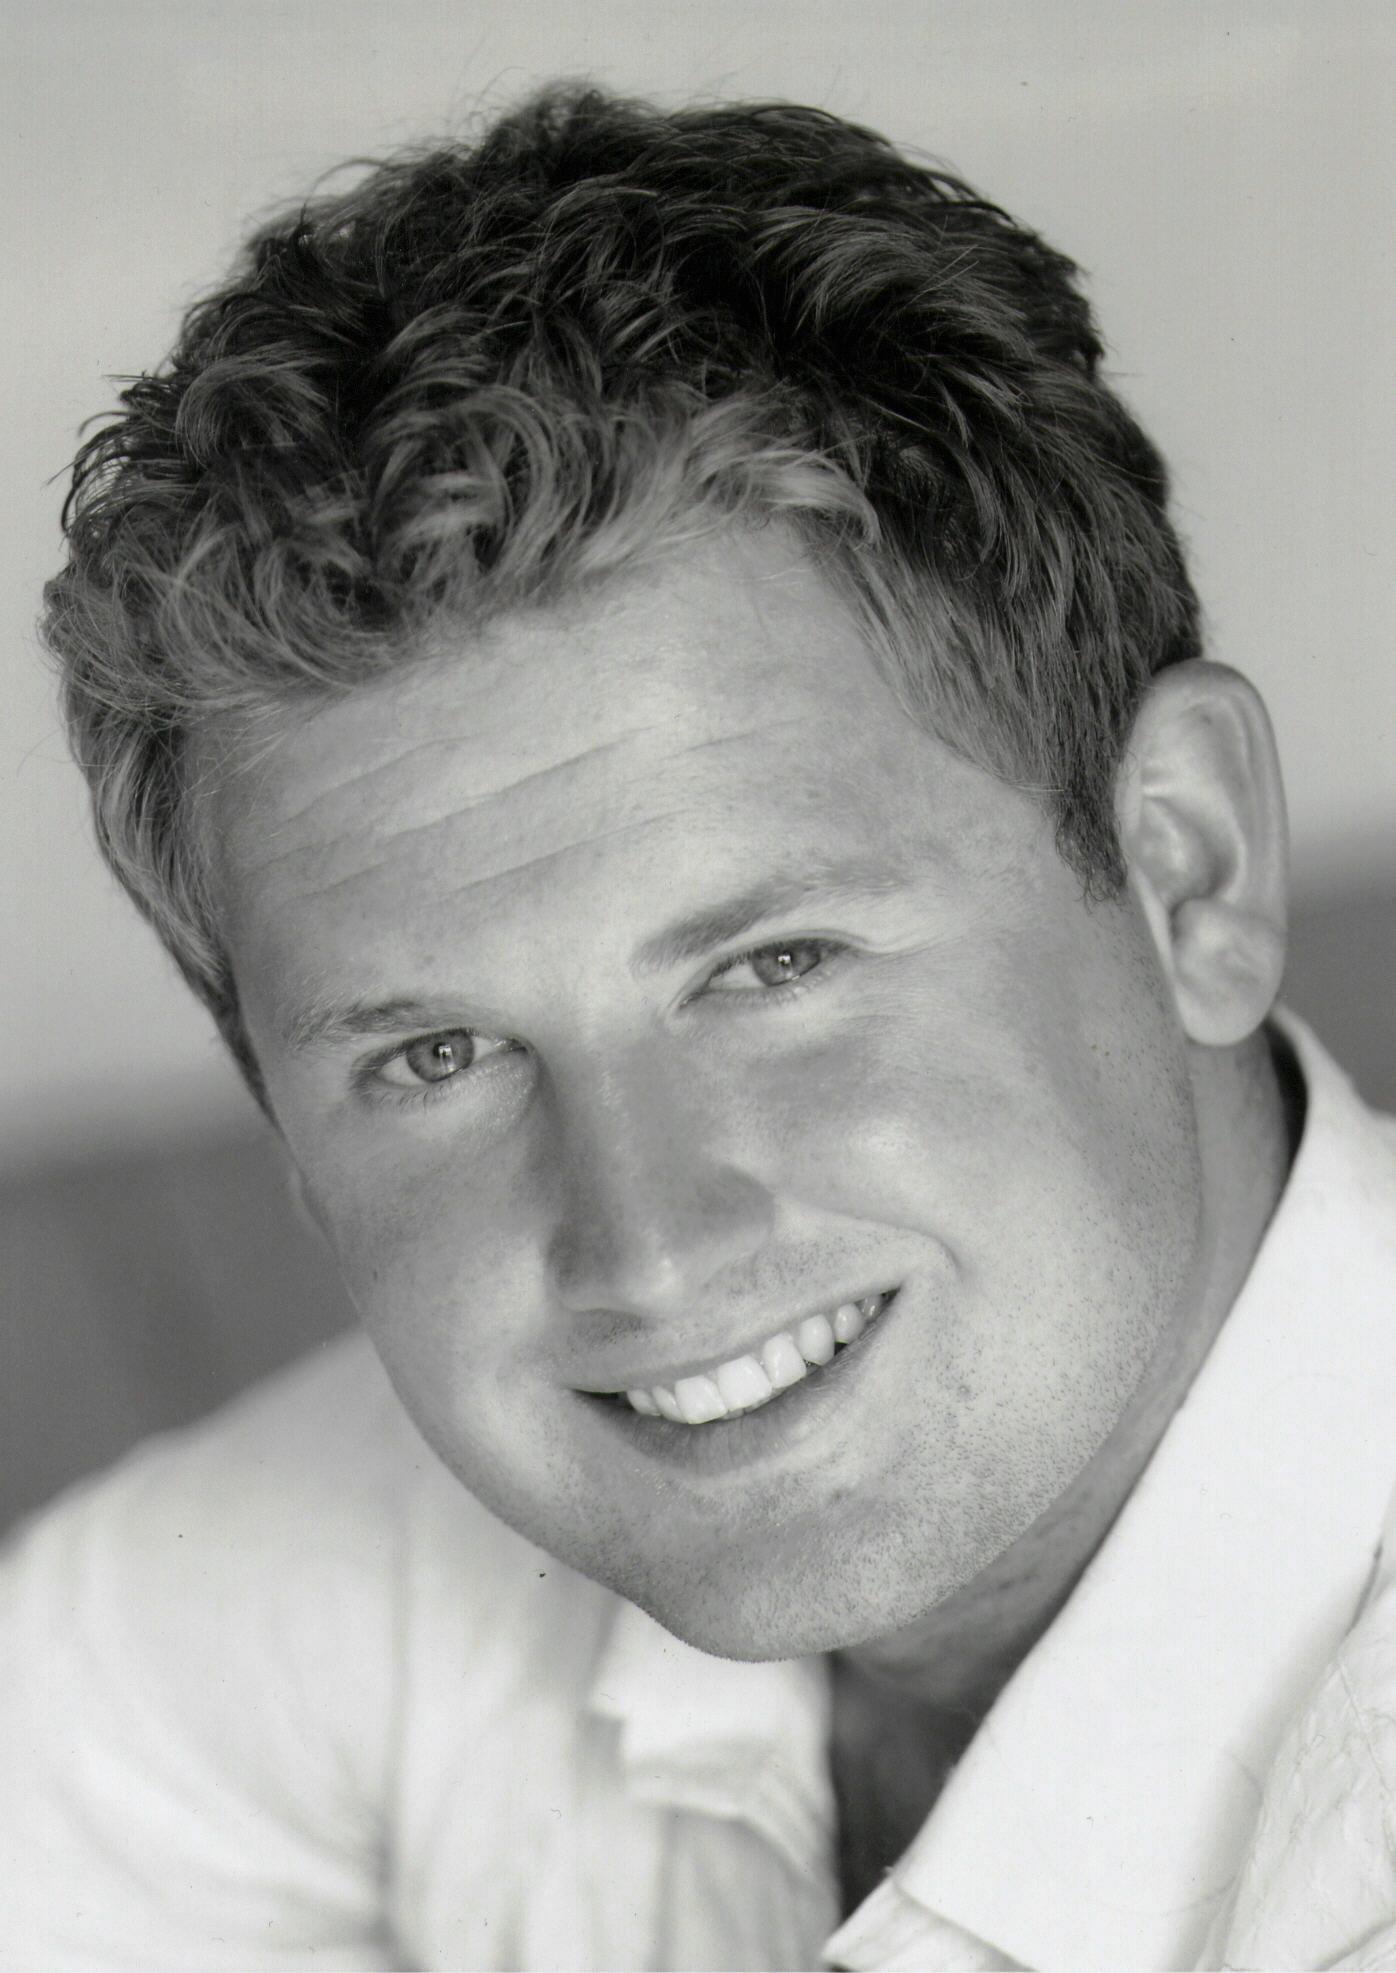 Daniel Lloyd3